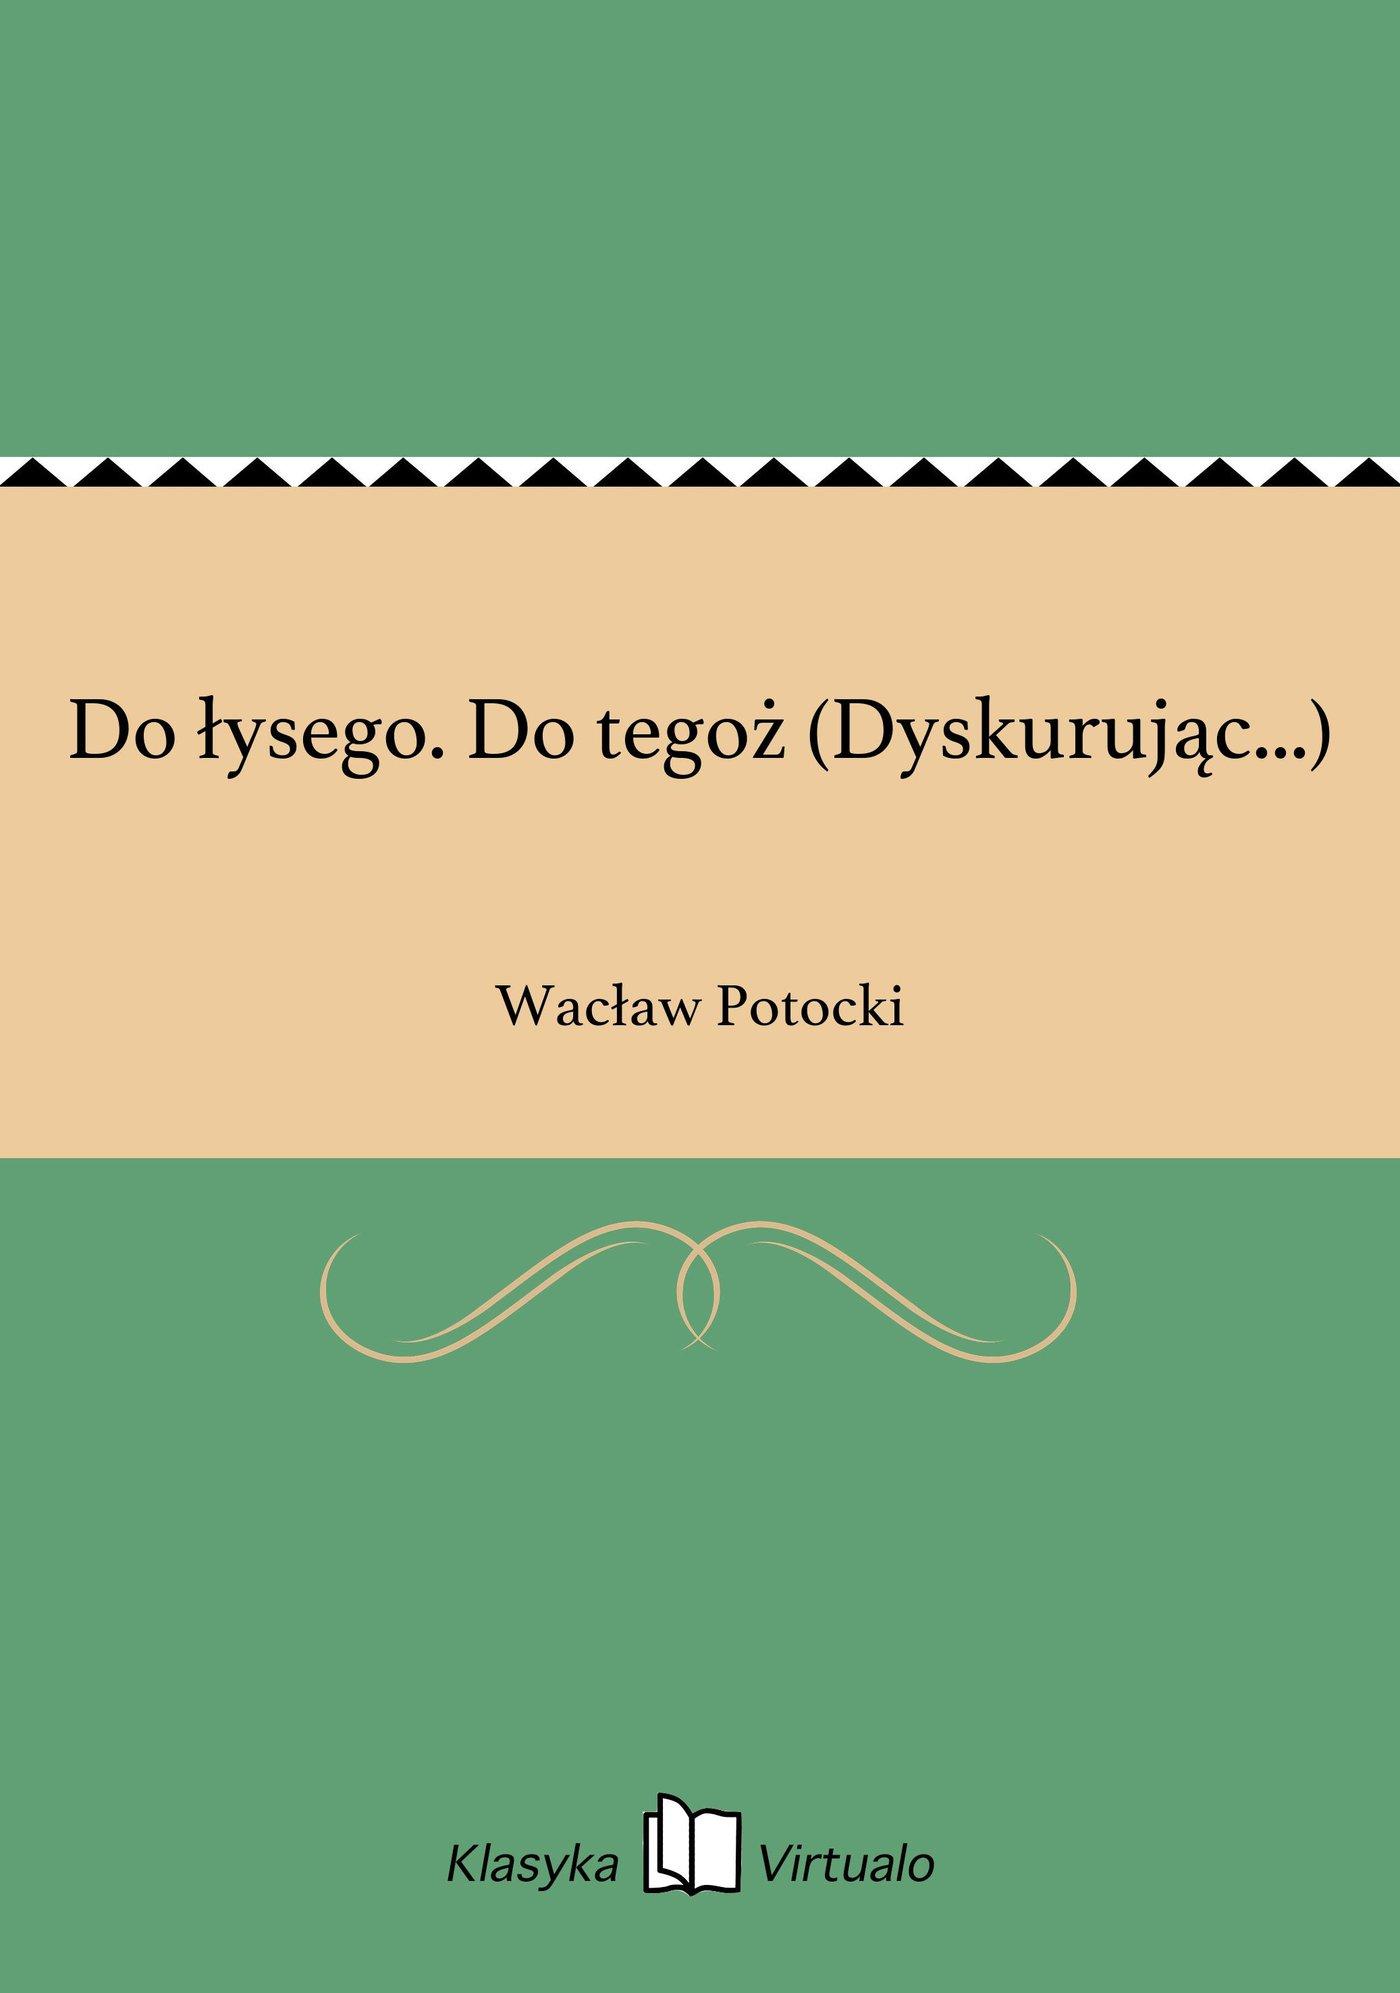 Do łysego. Do tegoż (Dyskurując...) - Ebook (Książka na Kindle) do pobrania w formacie MOBI